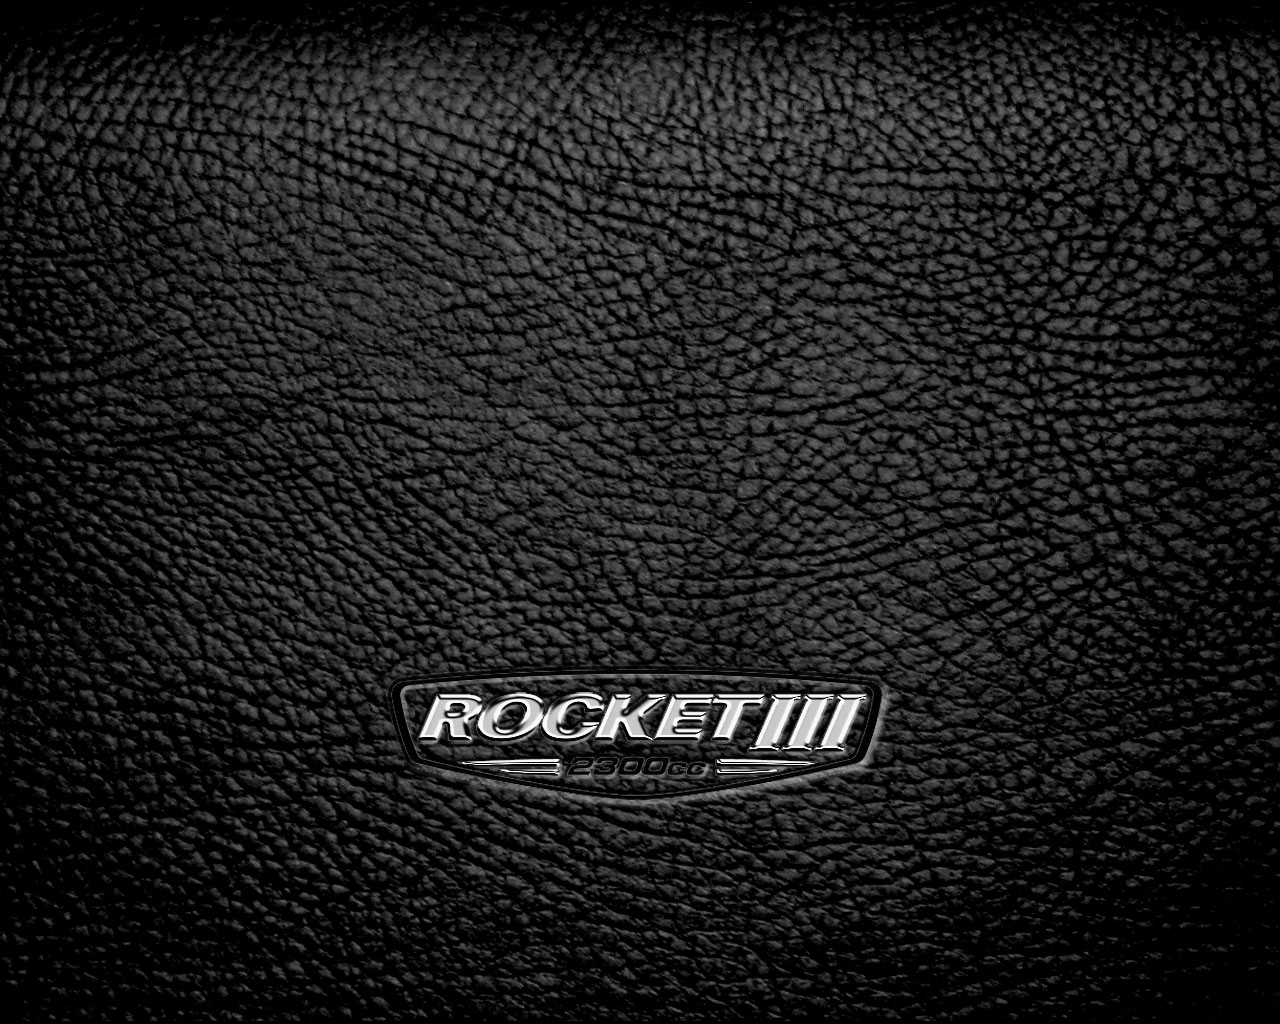 rocket3-cuir.jpg